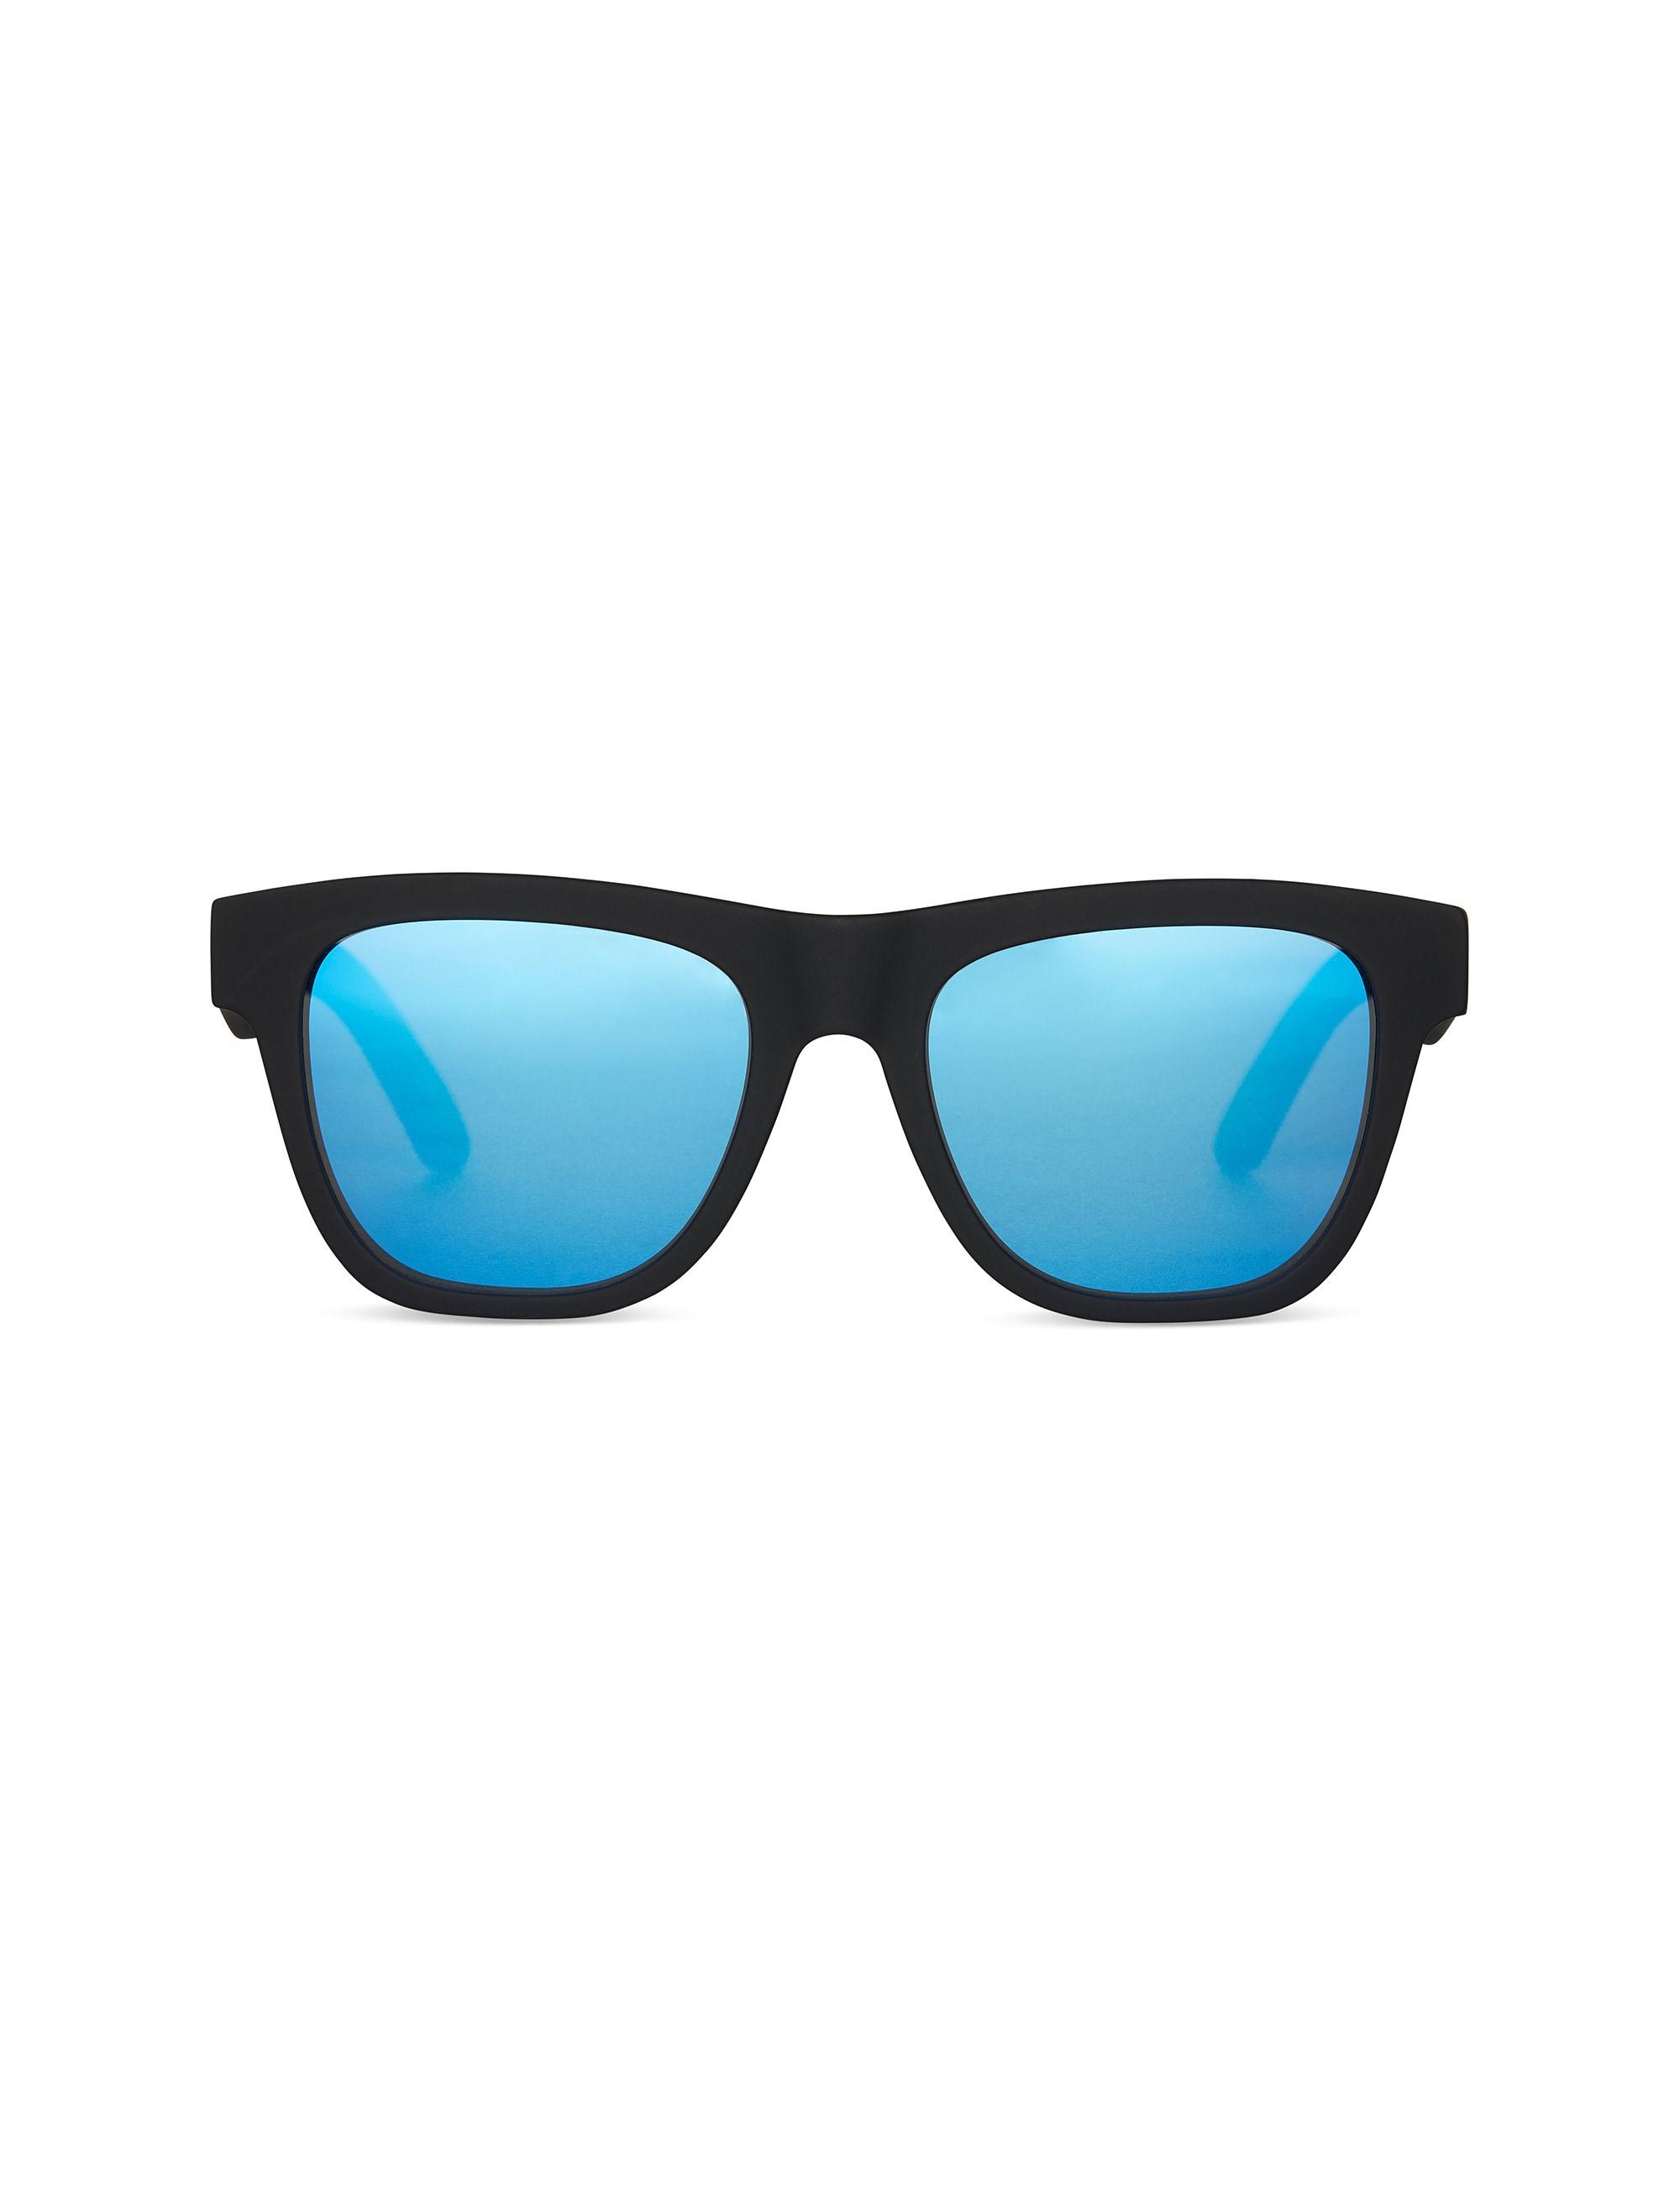 عینک آفتابی ویفرر بزرگسال DALSTON